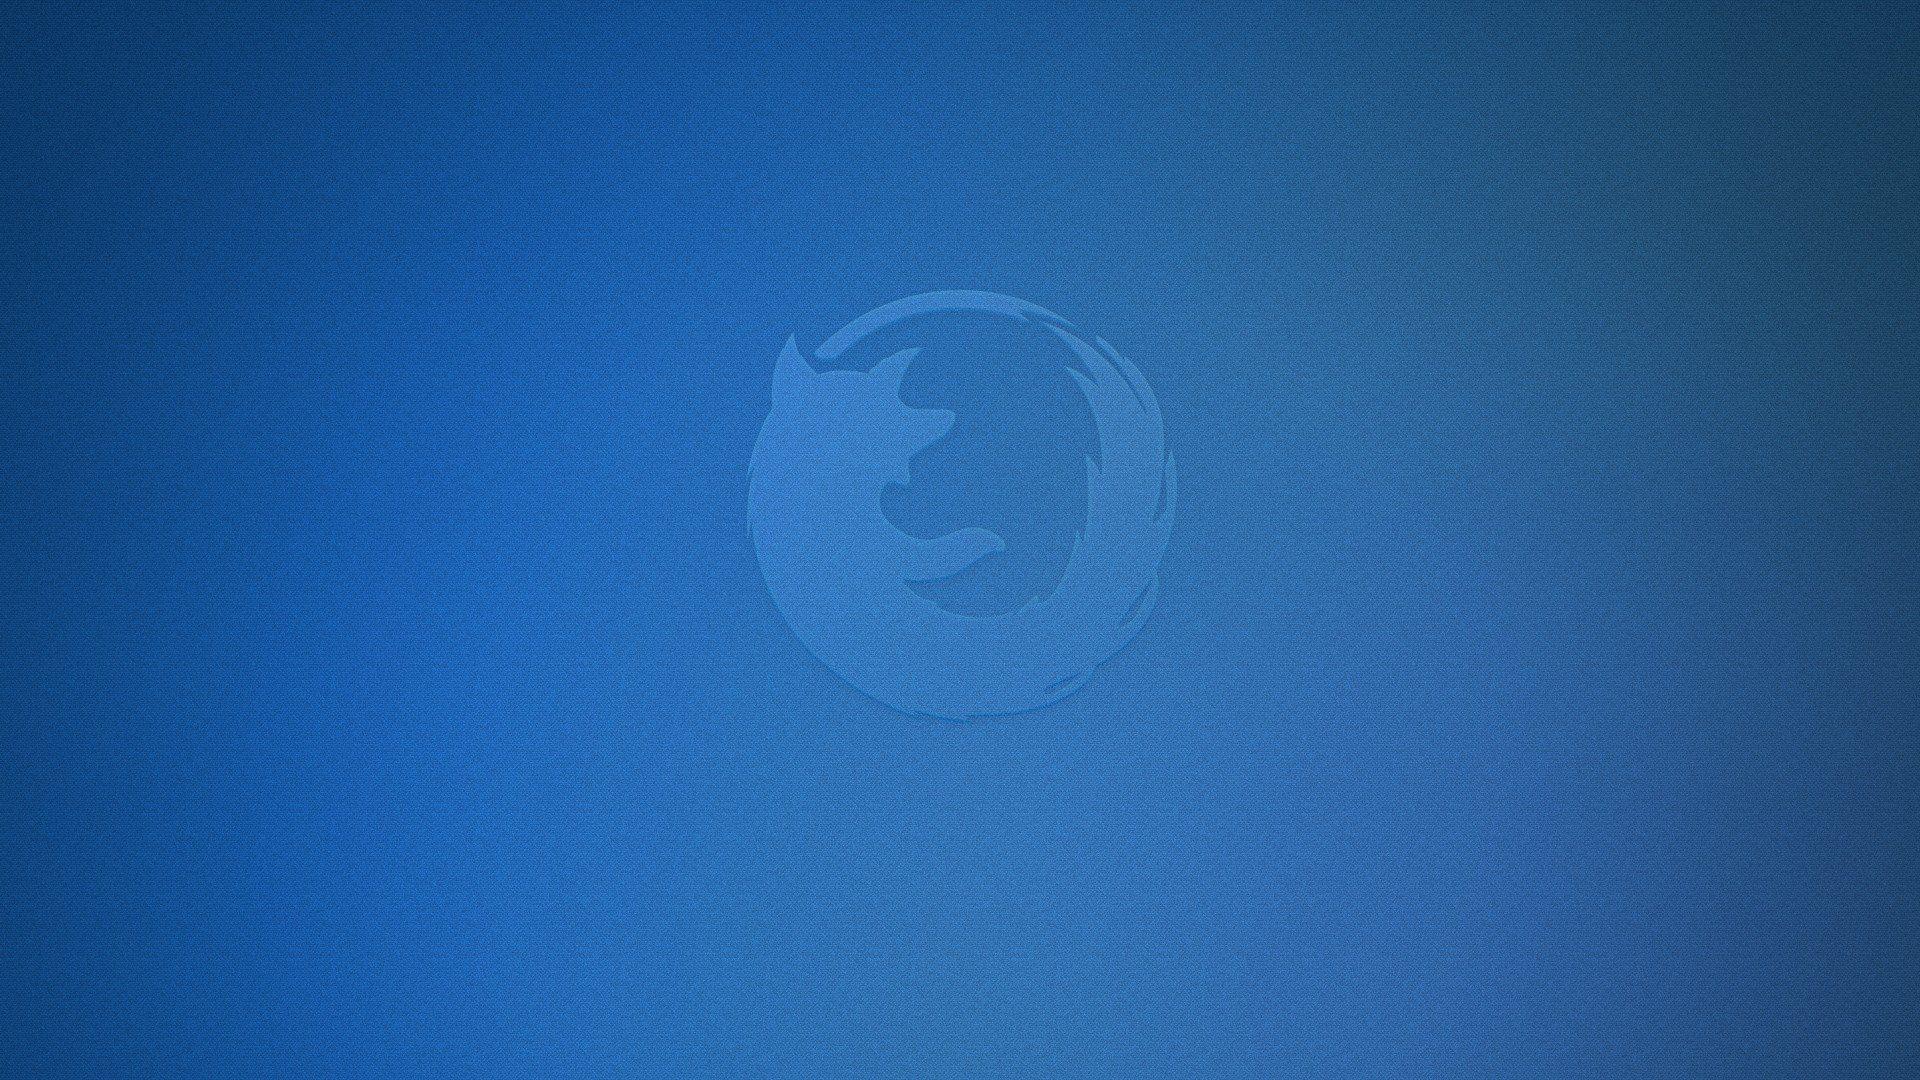 firefox browser wallpaper